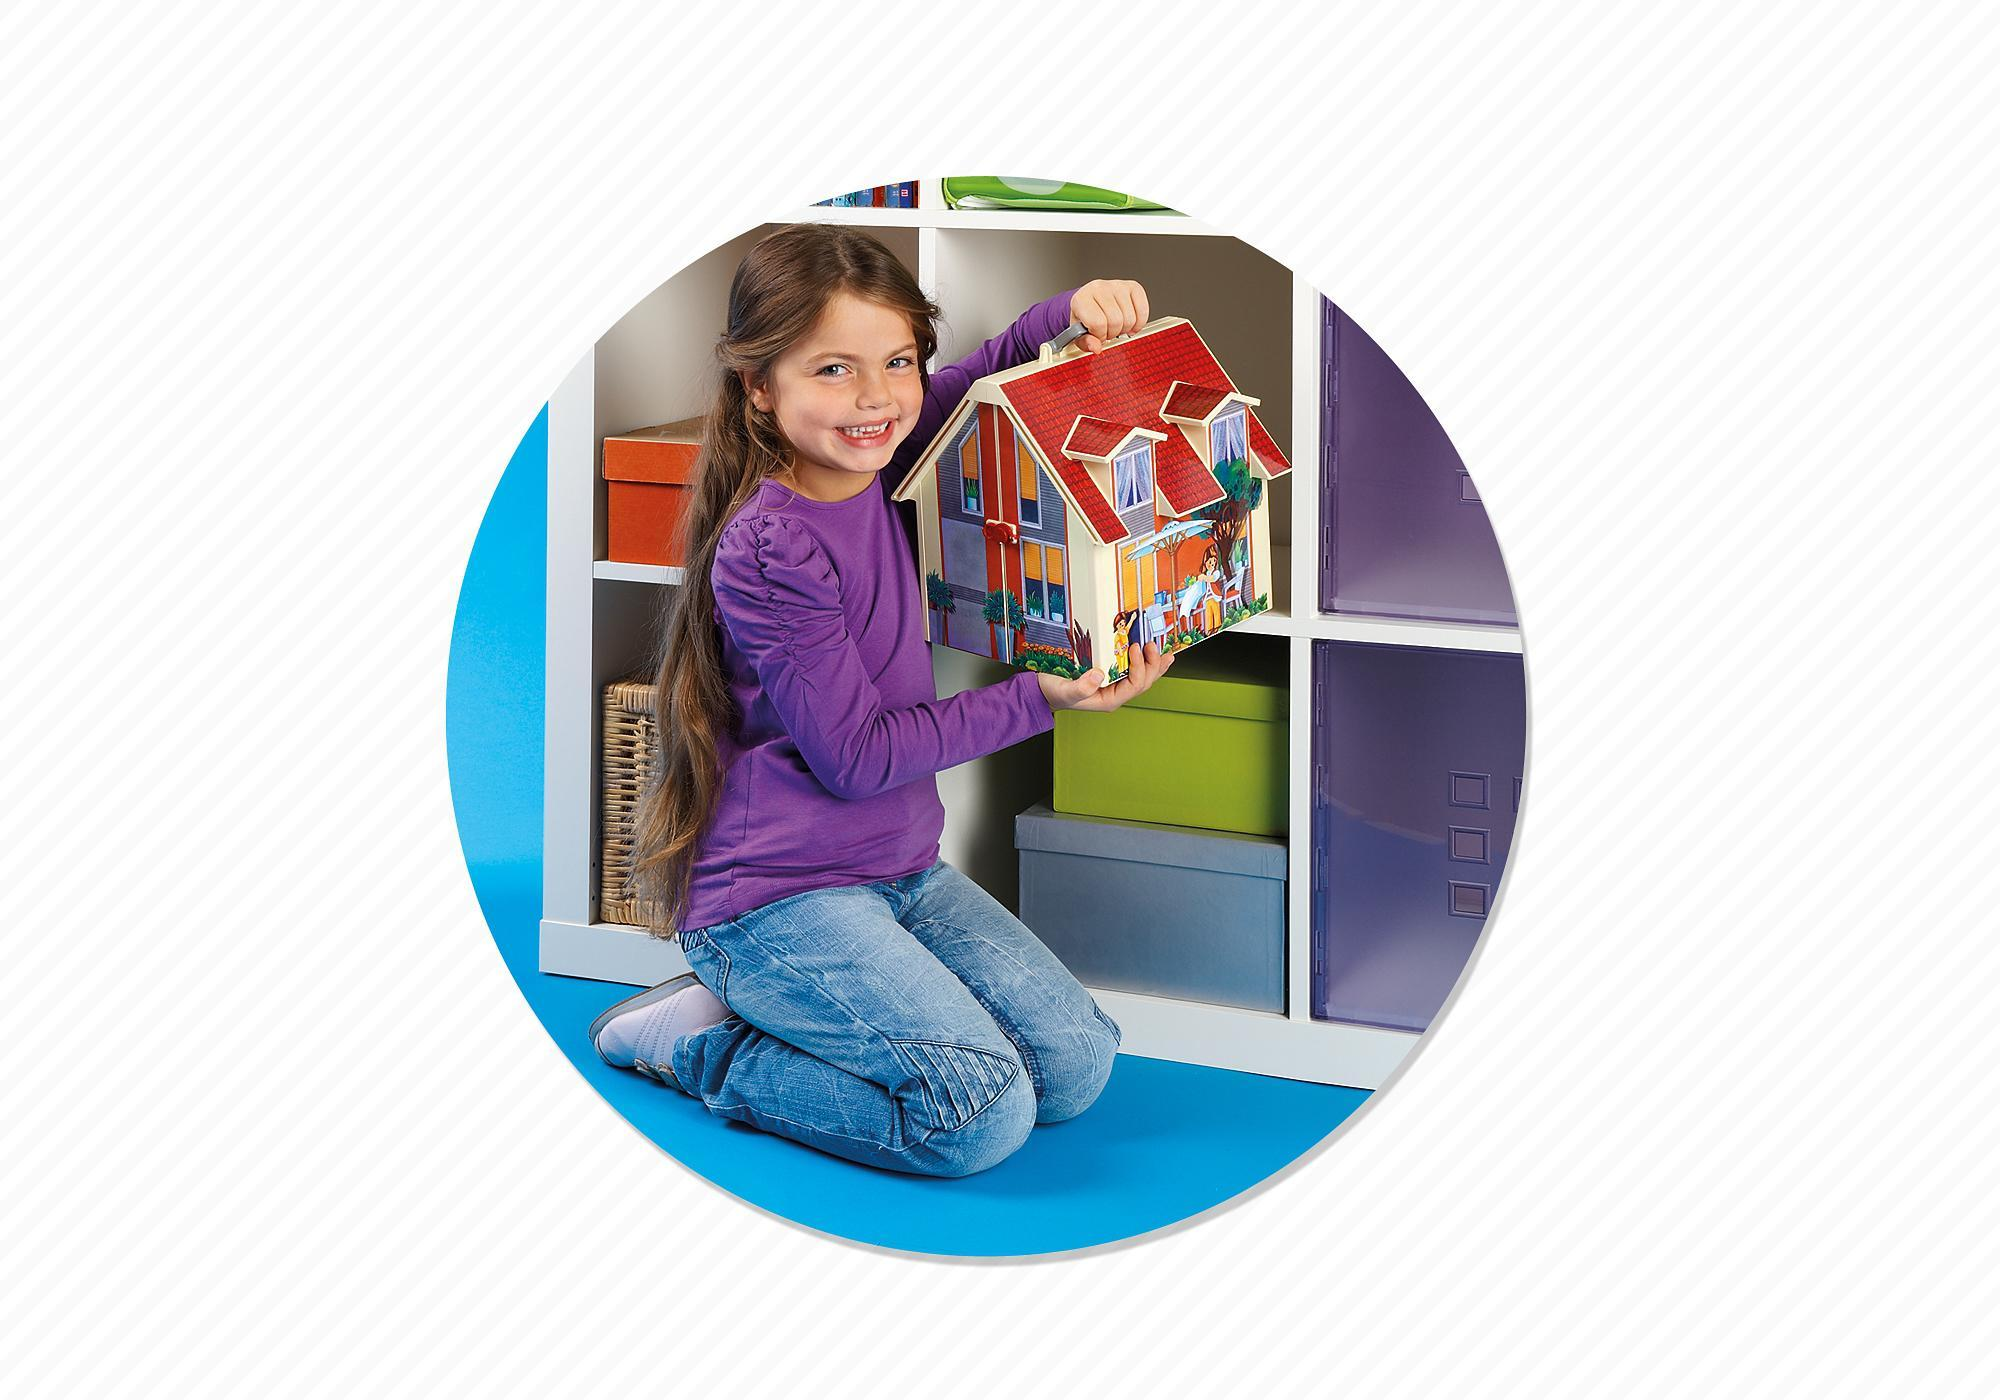 http://media.playmobil.com/i/playmobil/5167_product_extra3/Nowy przenośny domek dla lalek